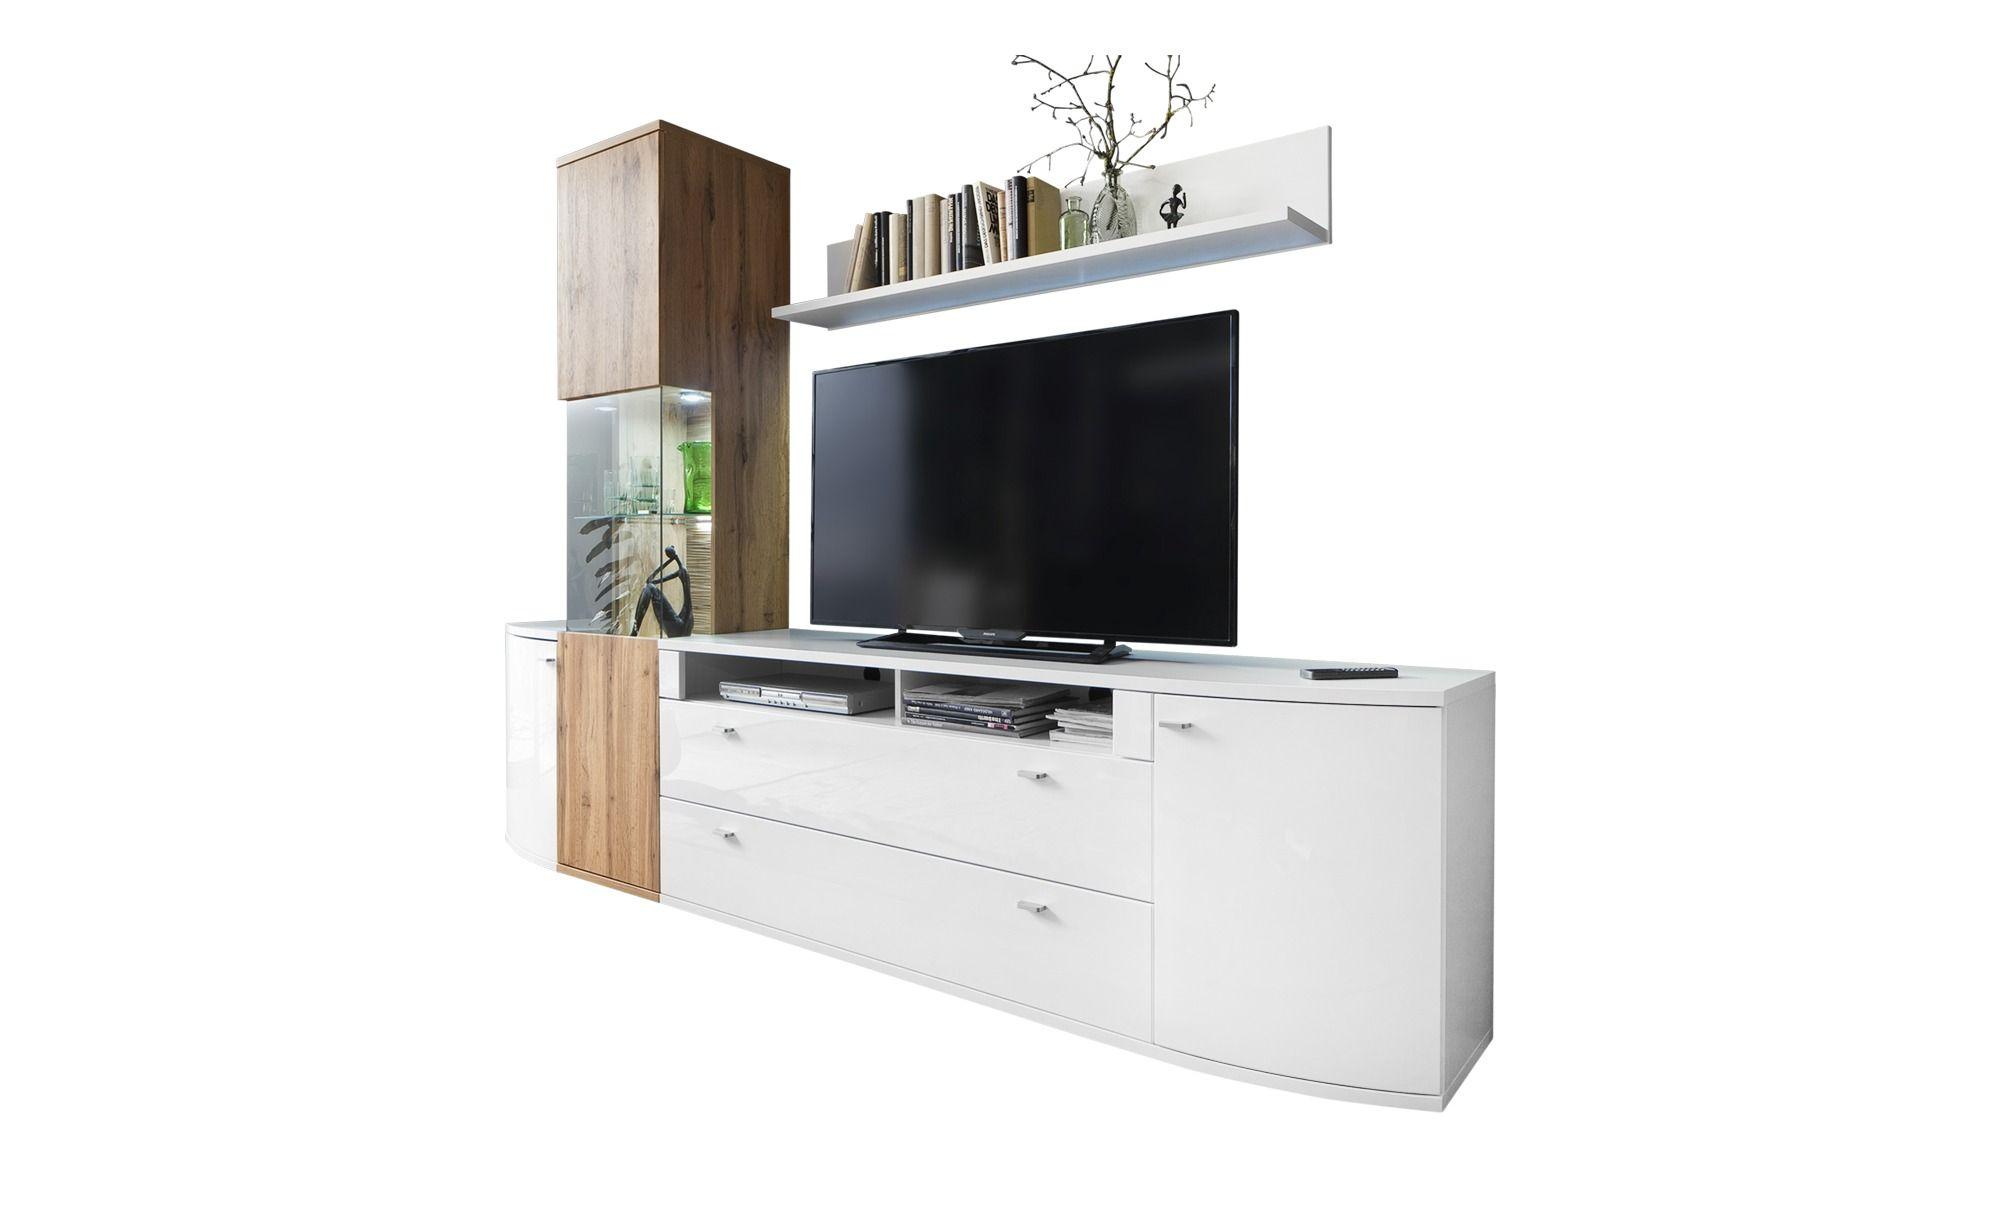 eck tv schrank massiv | fernsehschrank eiche geölt | tv lowboard